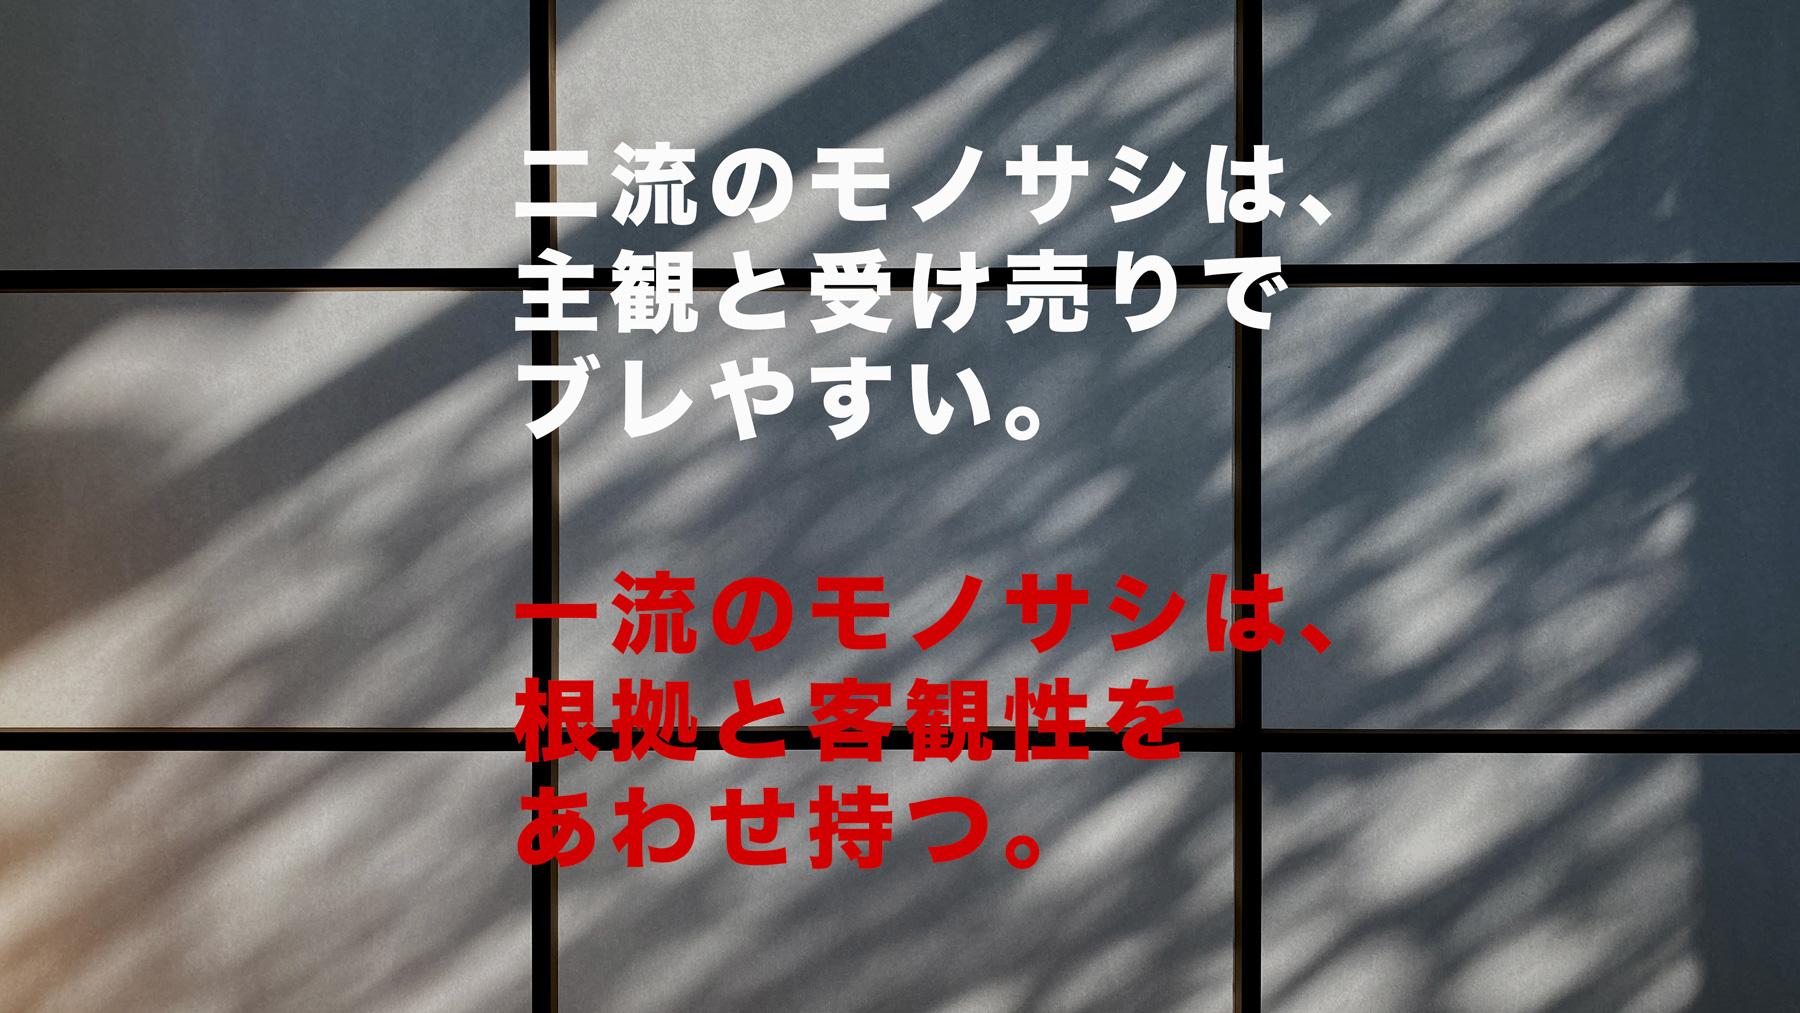 暑い寒いの『モノサシ』1